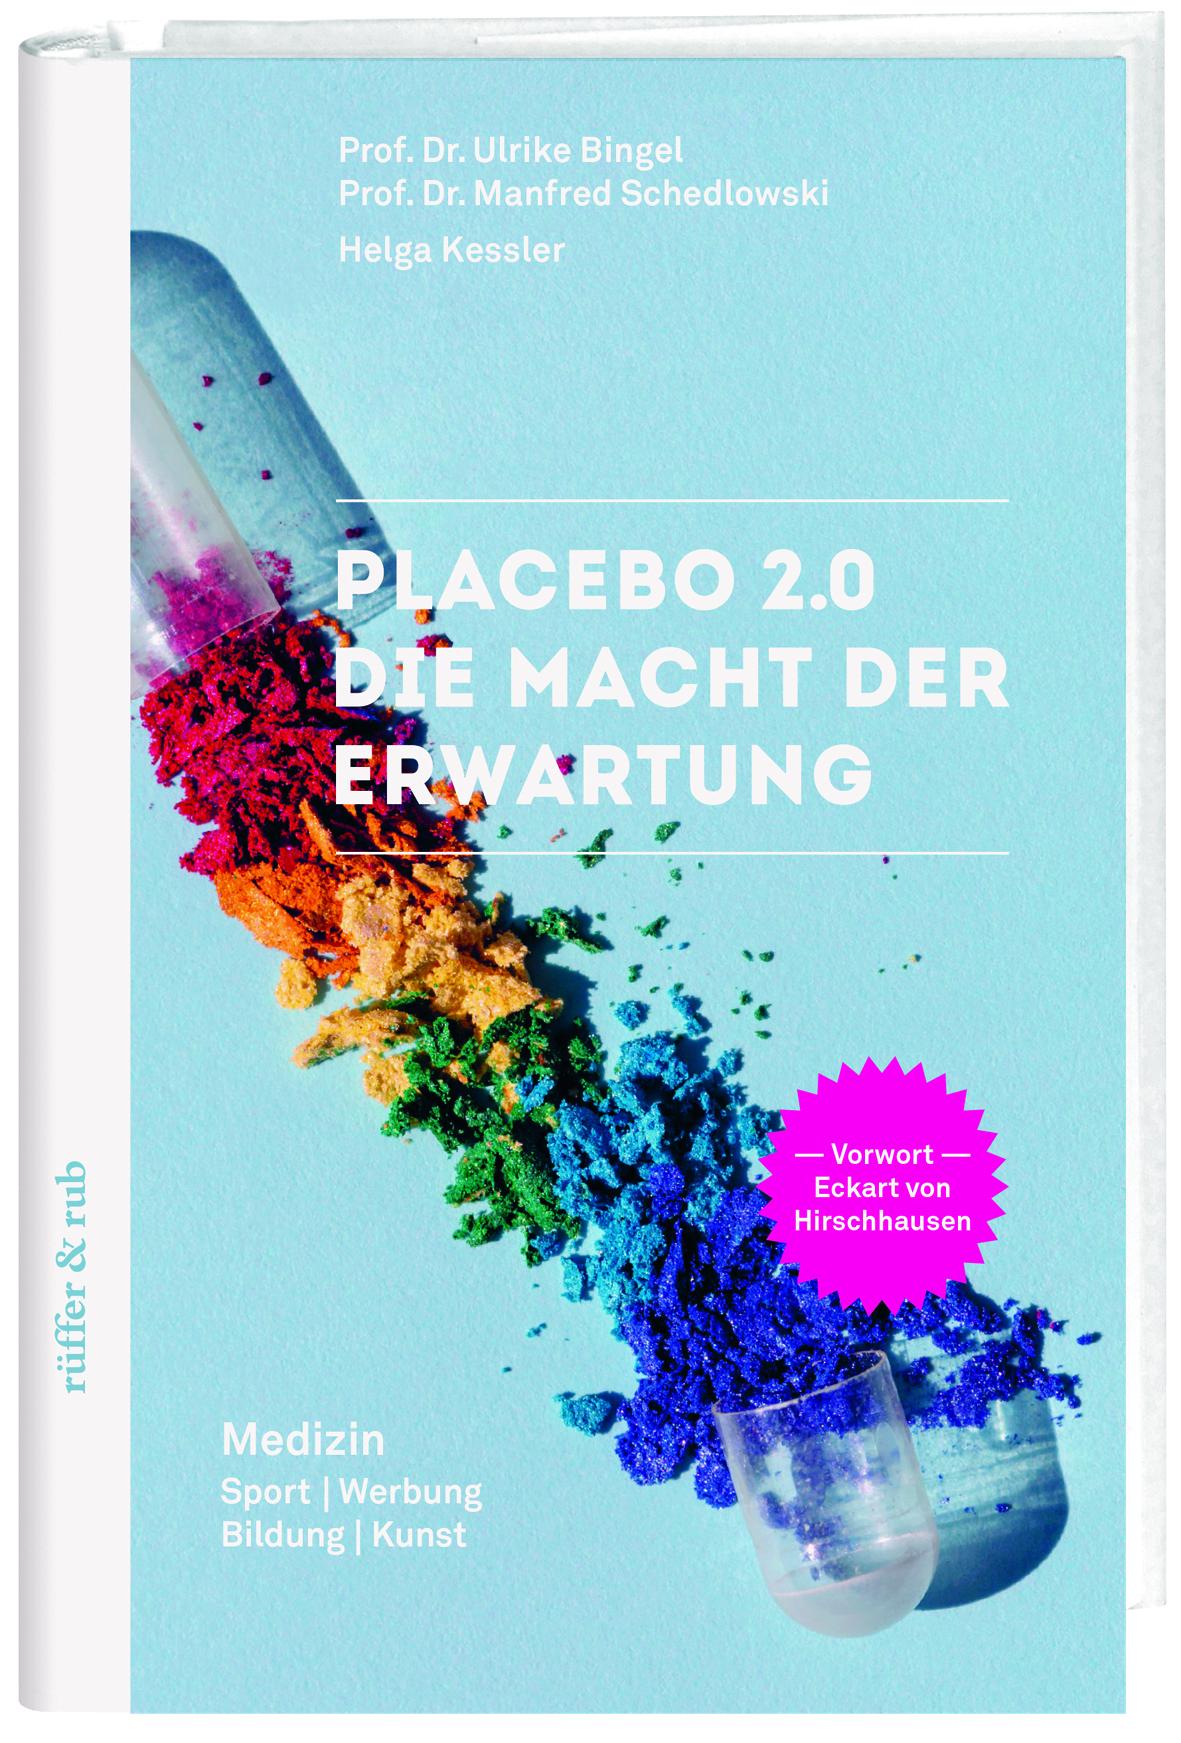 Placebo 2.0